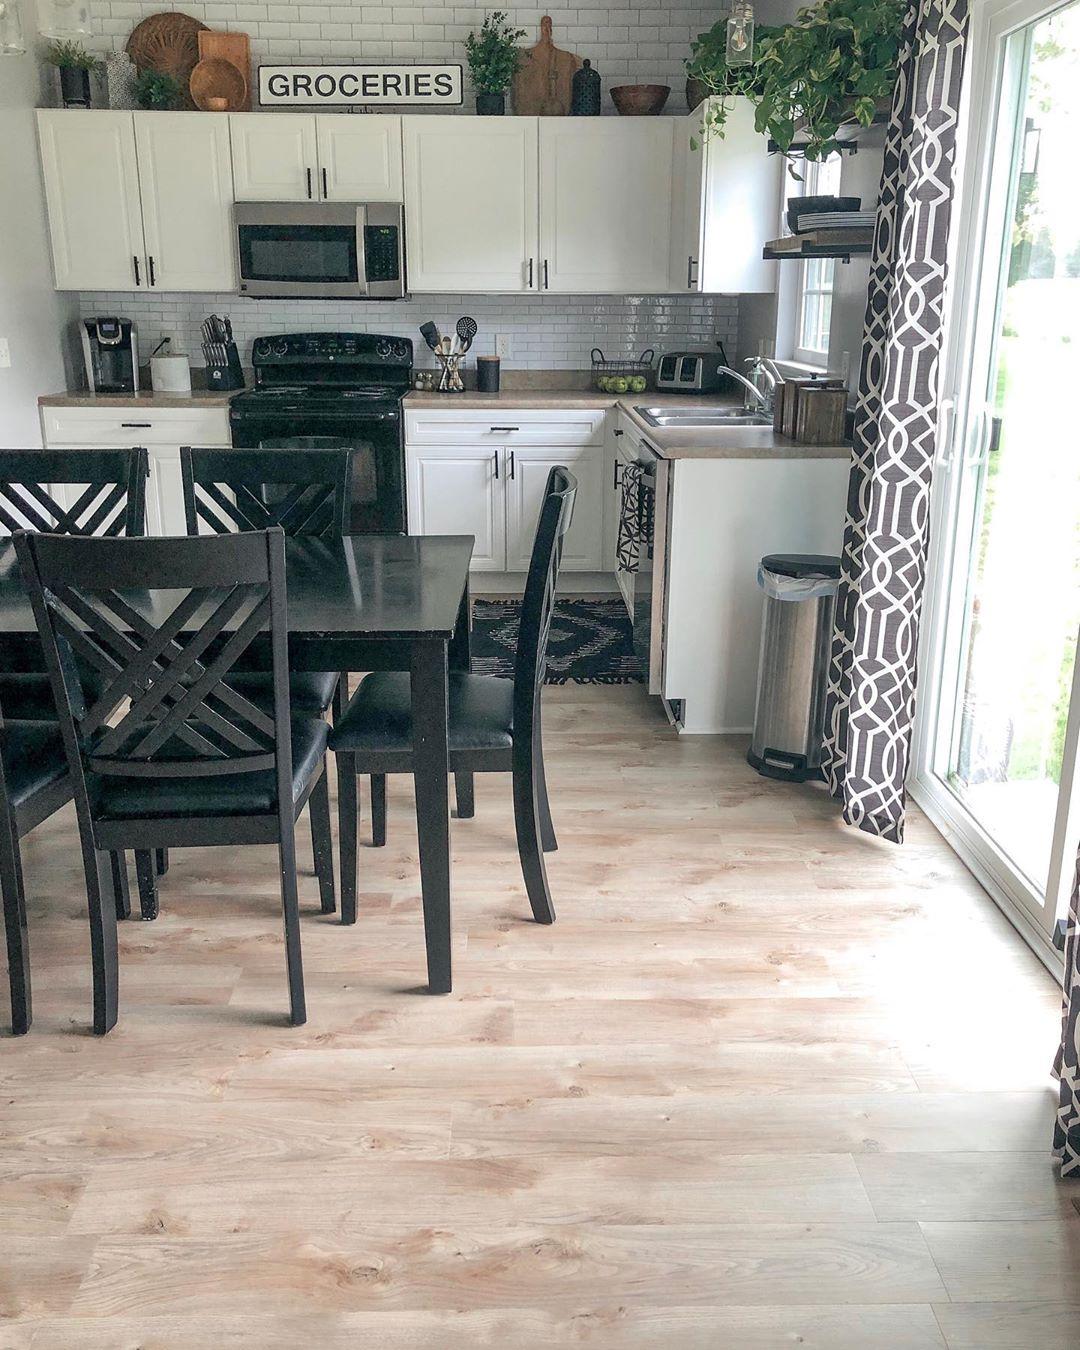 Our Builder Grade Kitchen Has Come A Lon Buildergradeupgrade - Diy Home Decor